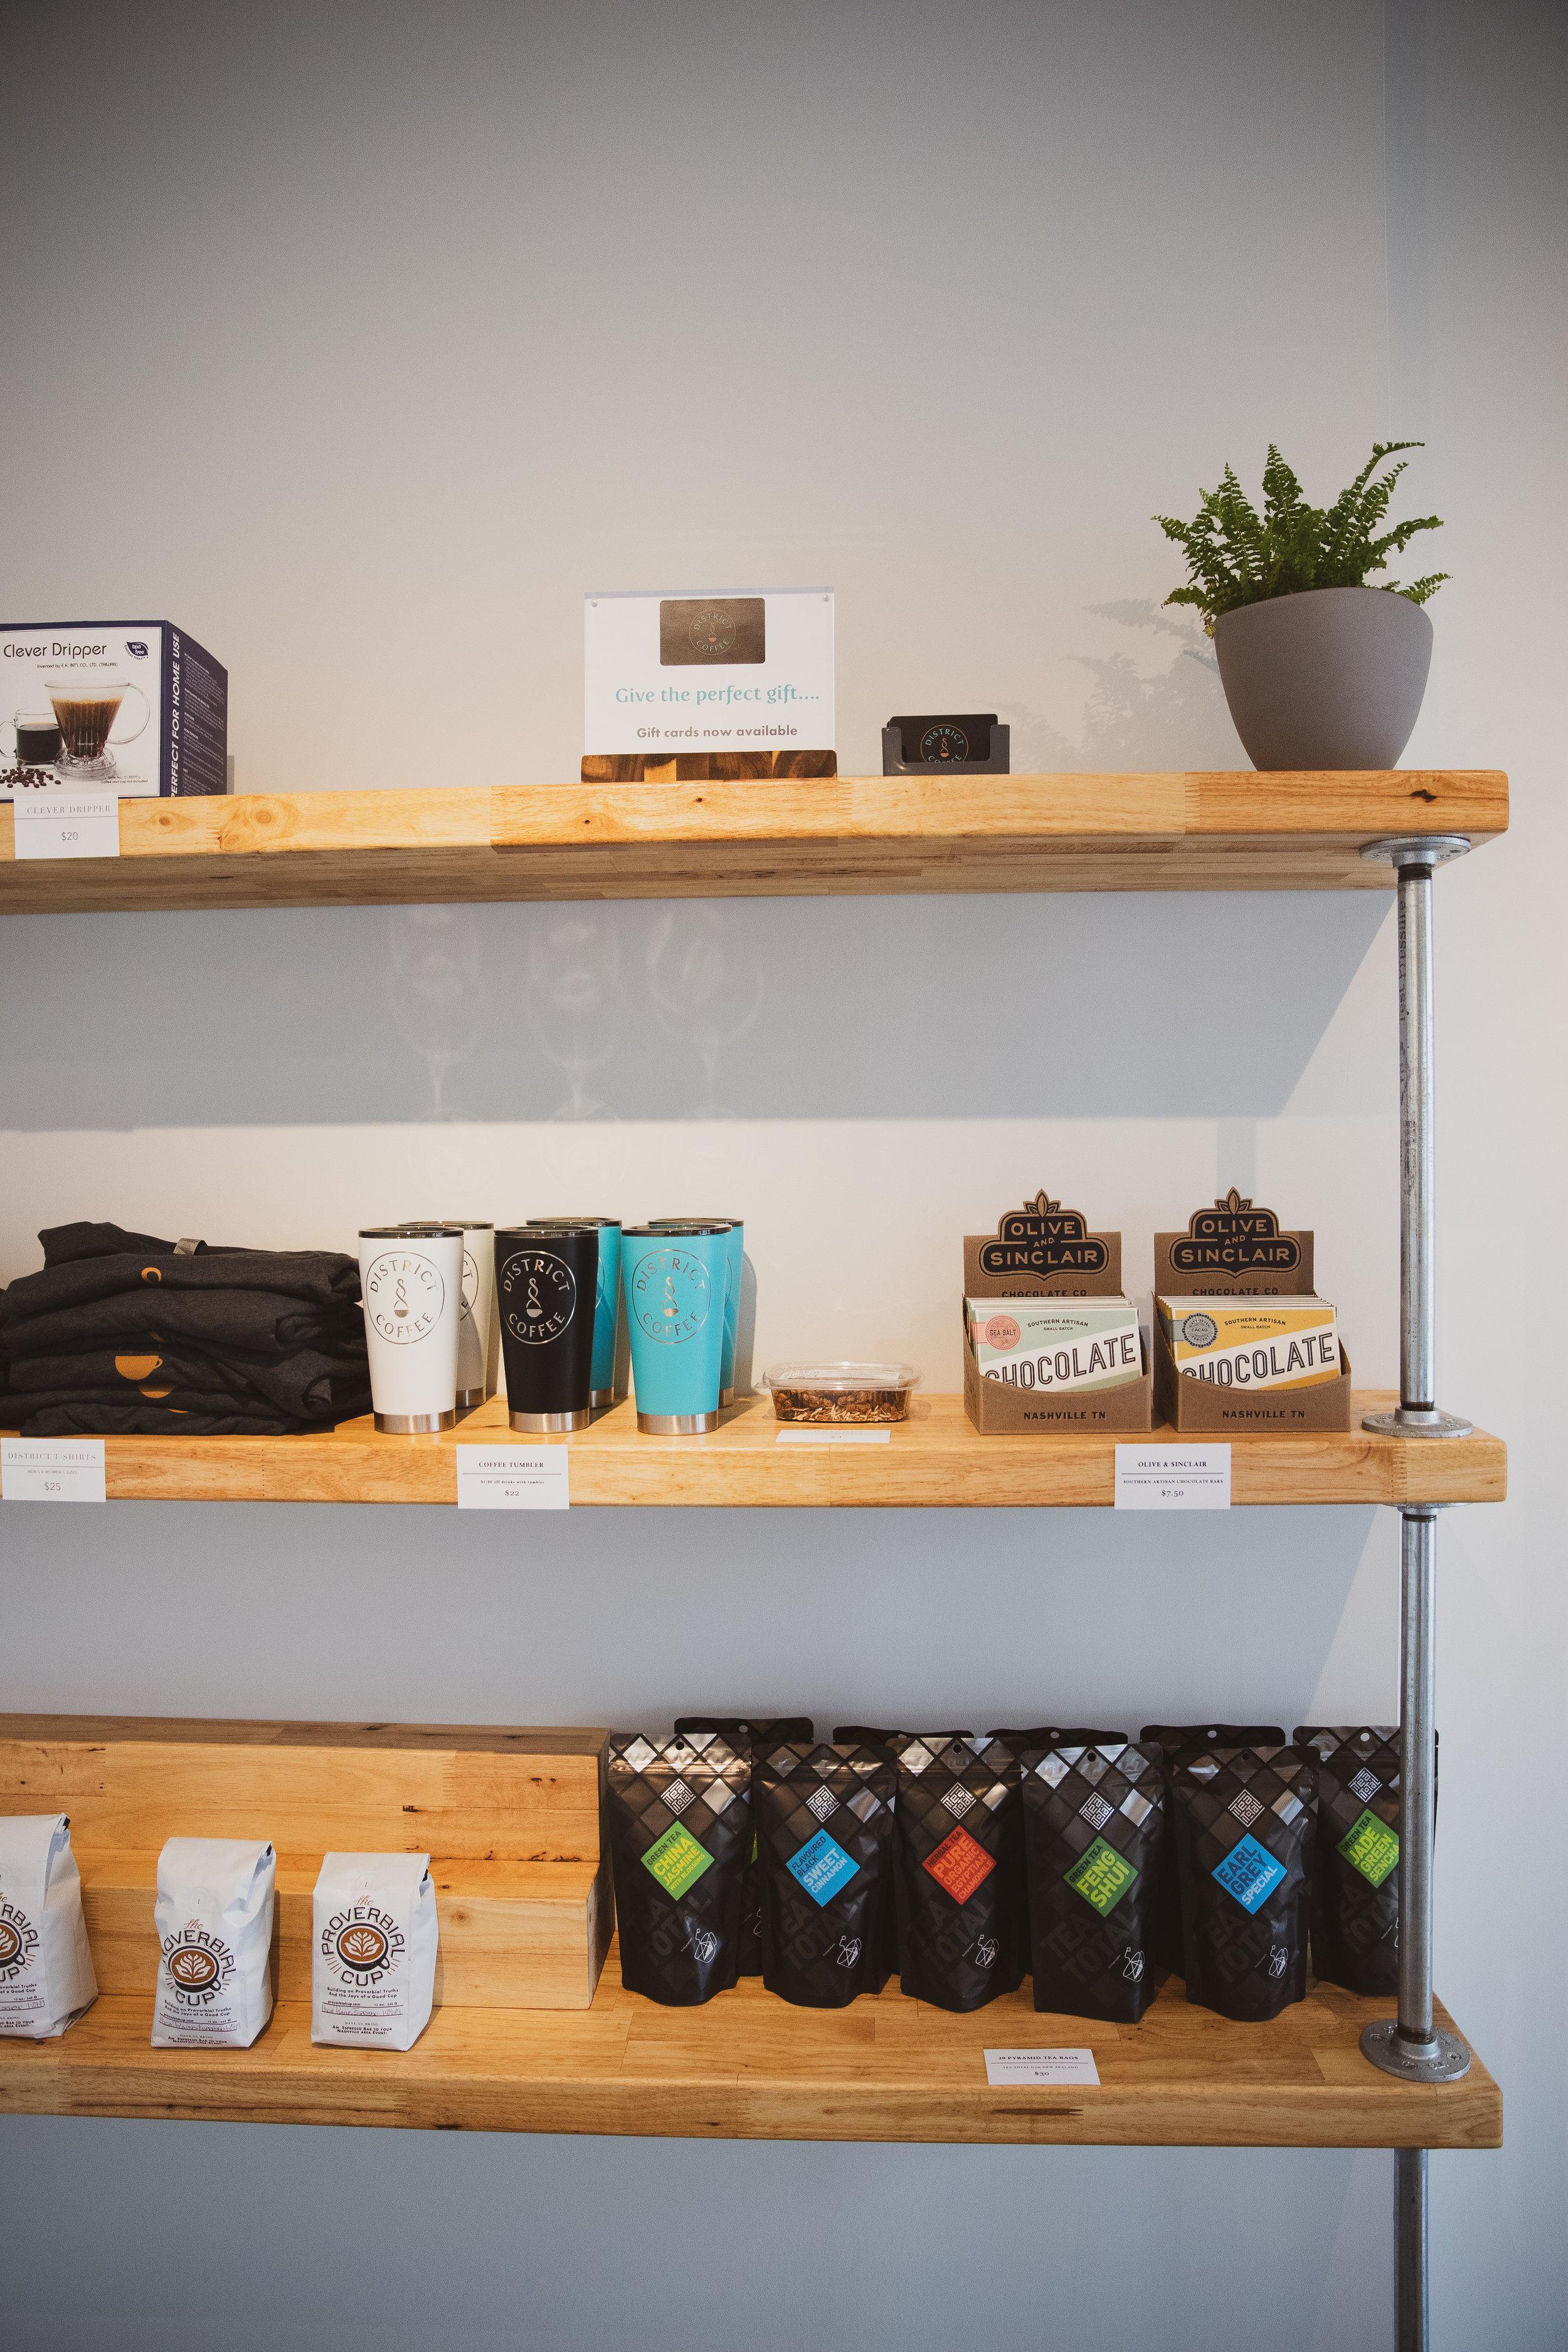 coffeeshop-photography-9I0579.jpg